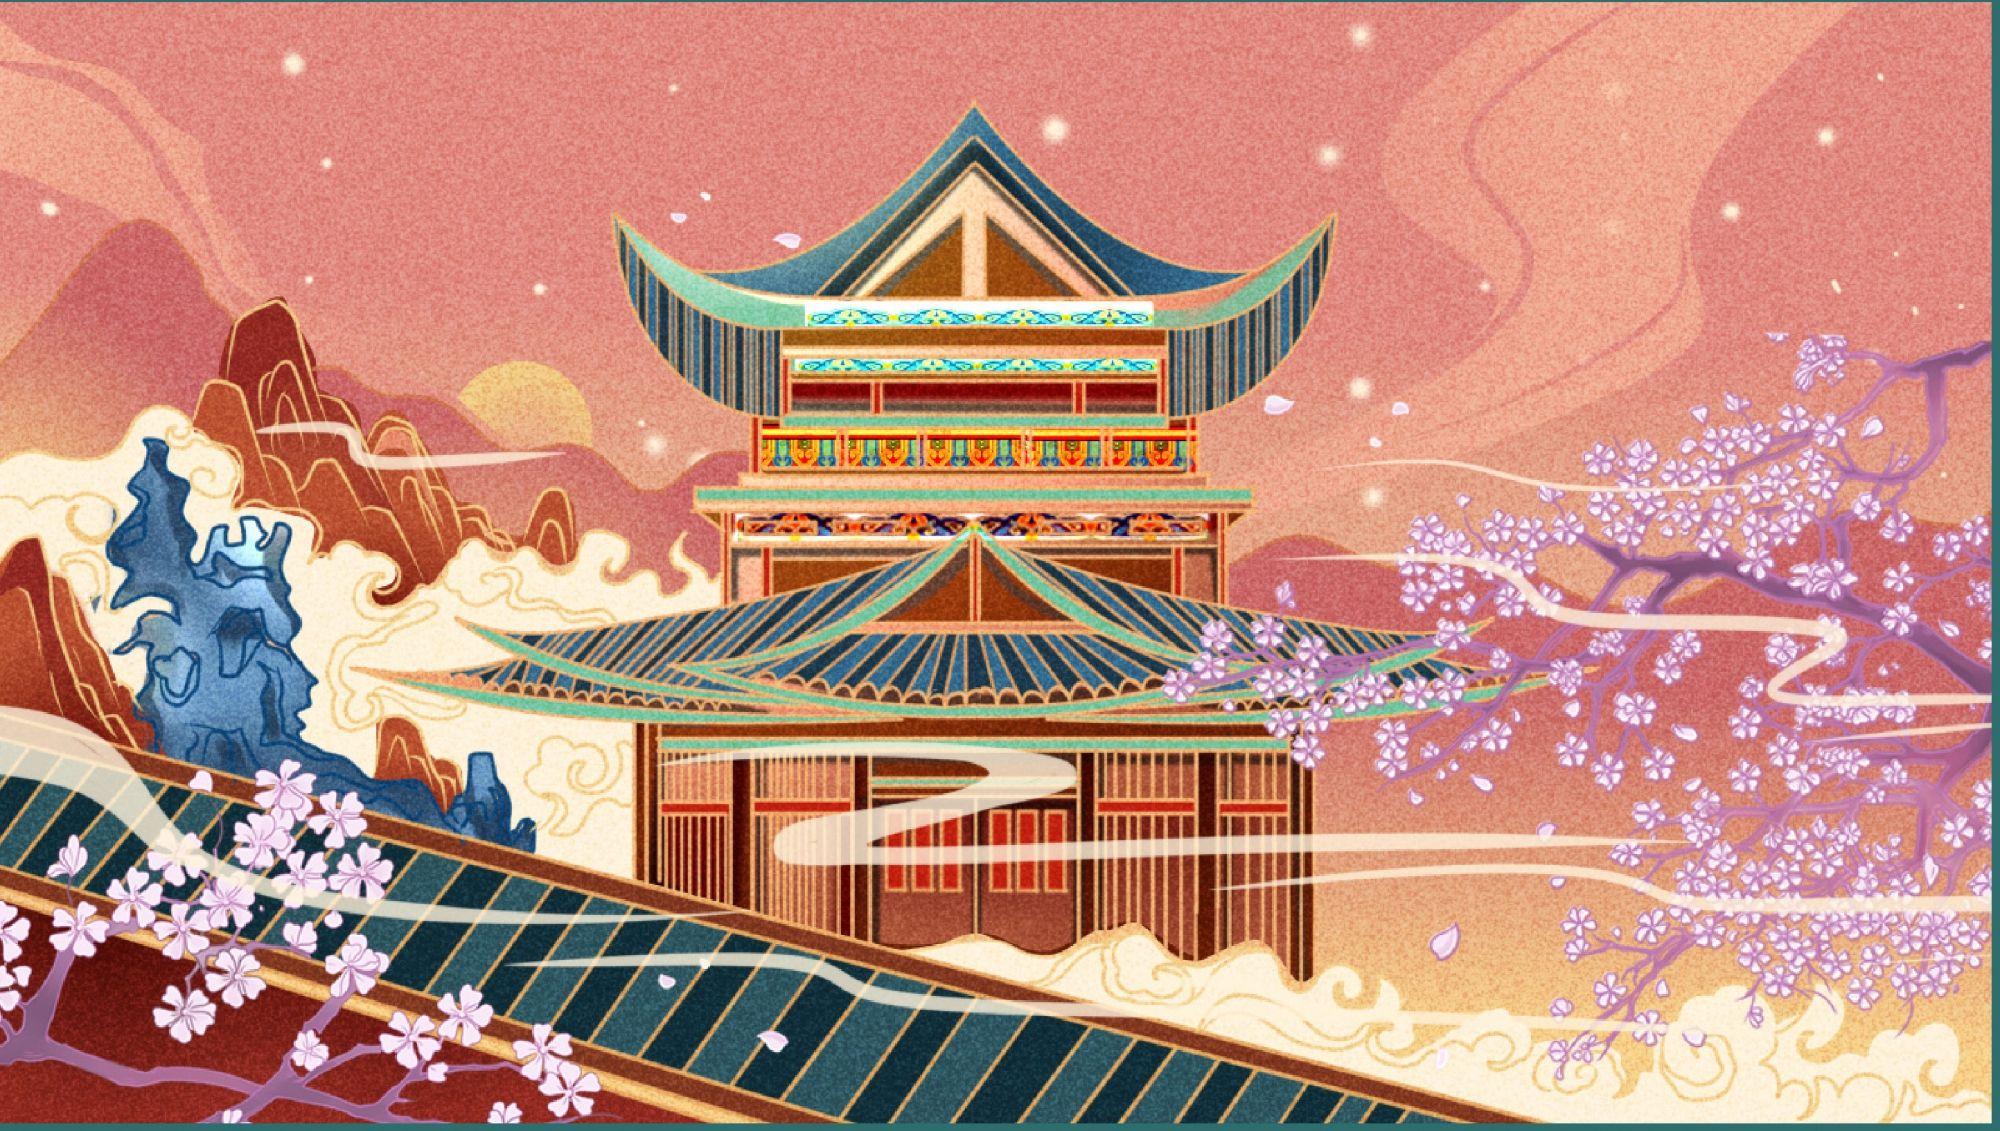 插画设计-新中国风插画绘制详细教程 飞特网 商业插画设计